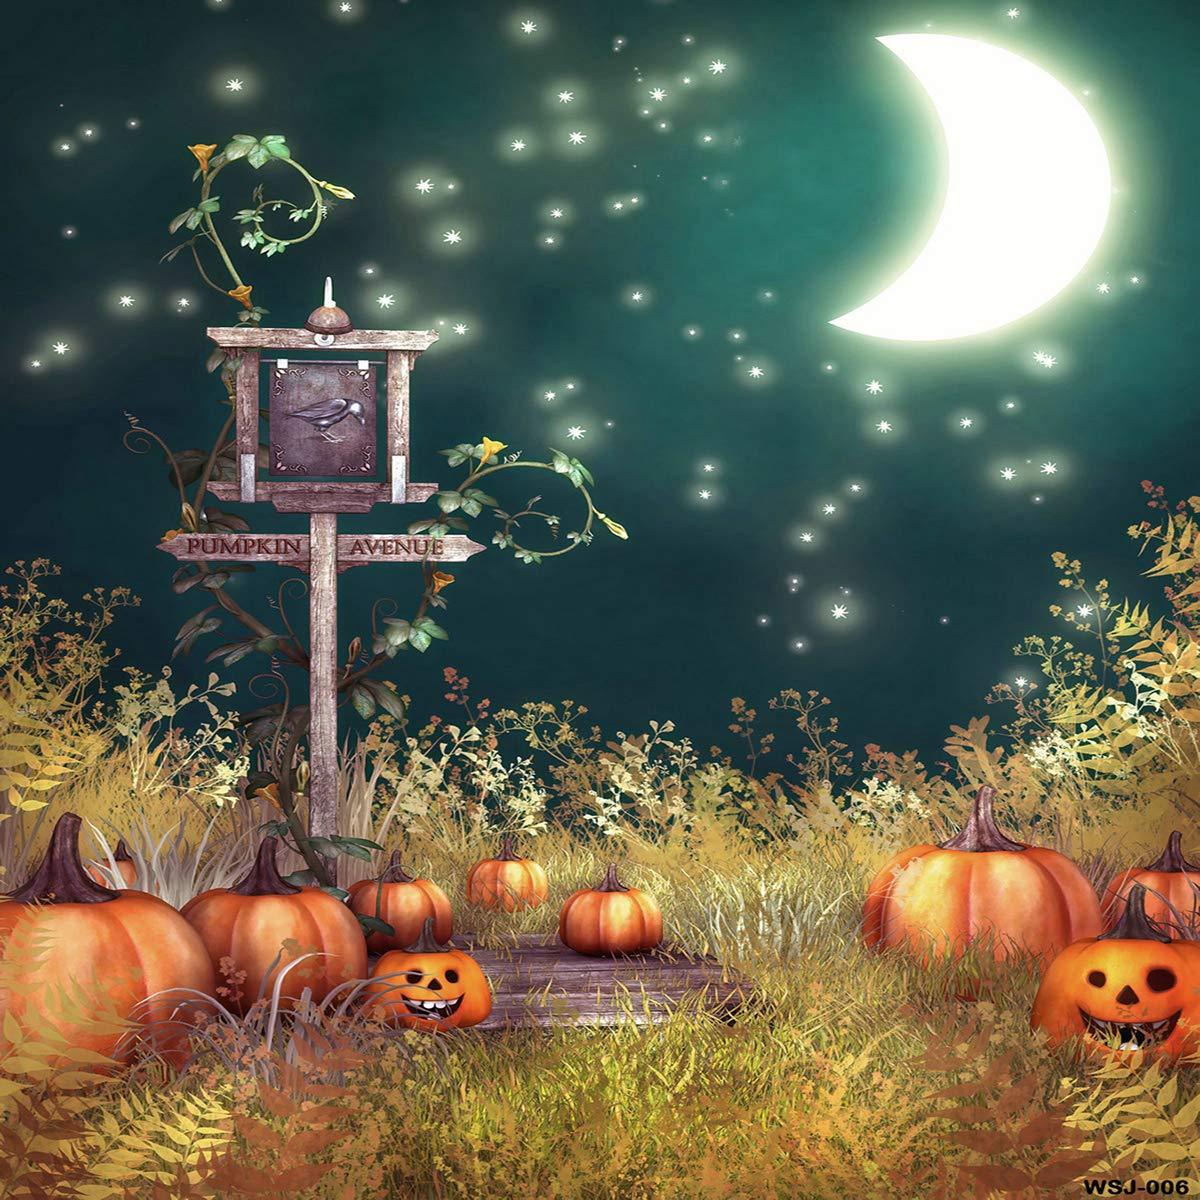 ハロウィン 写真 背景幕 パンプキン 怖い 月 写真 ブース ポーズ 背景 コットン 10x10ft halloween_3 B07GNC6VL6